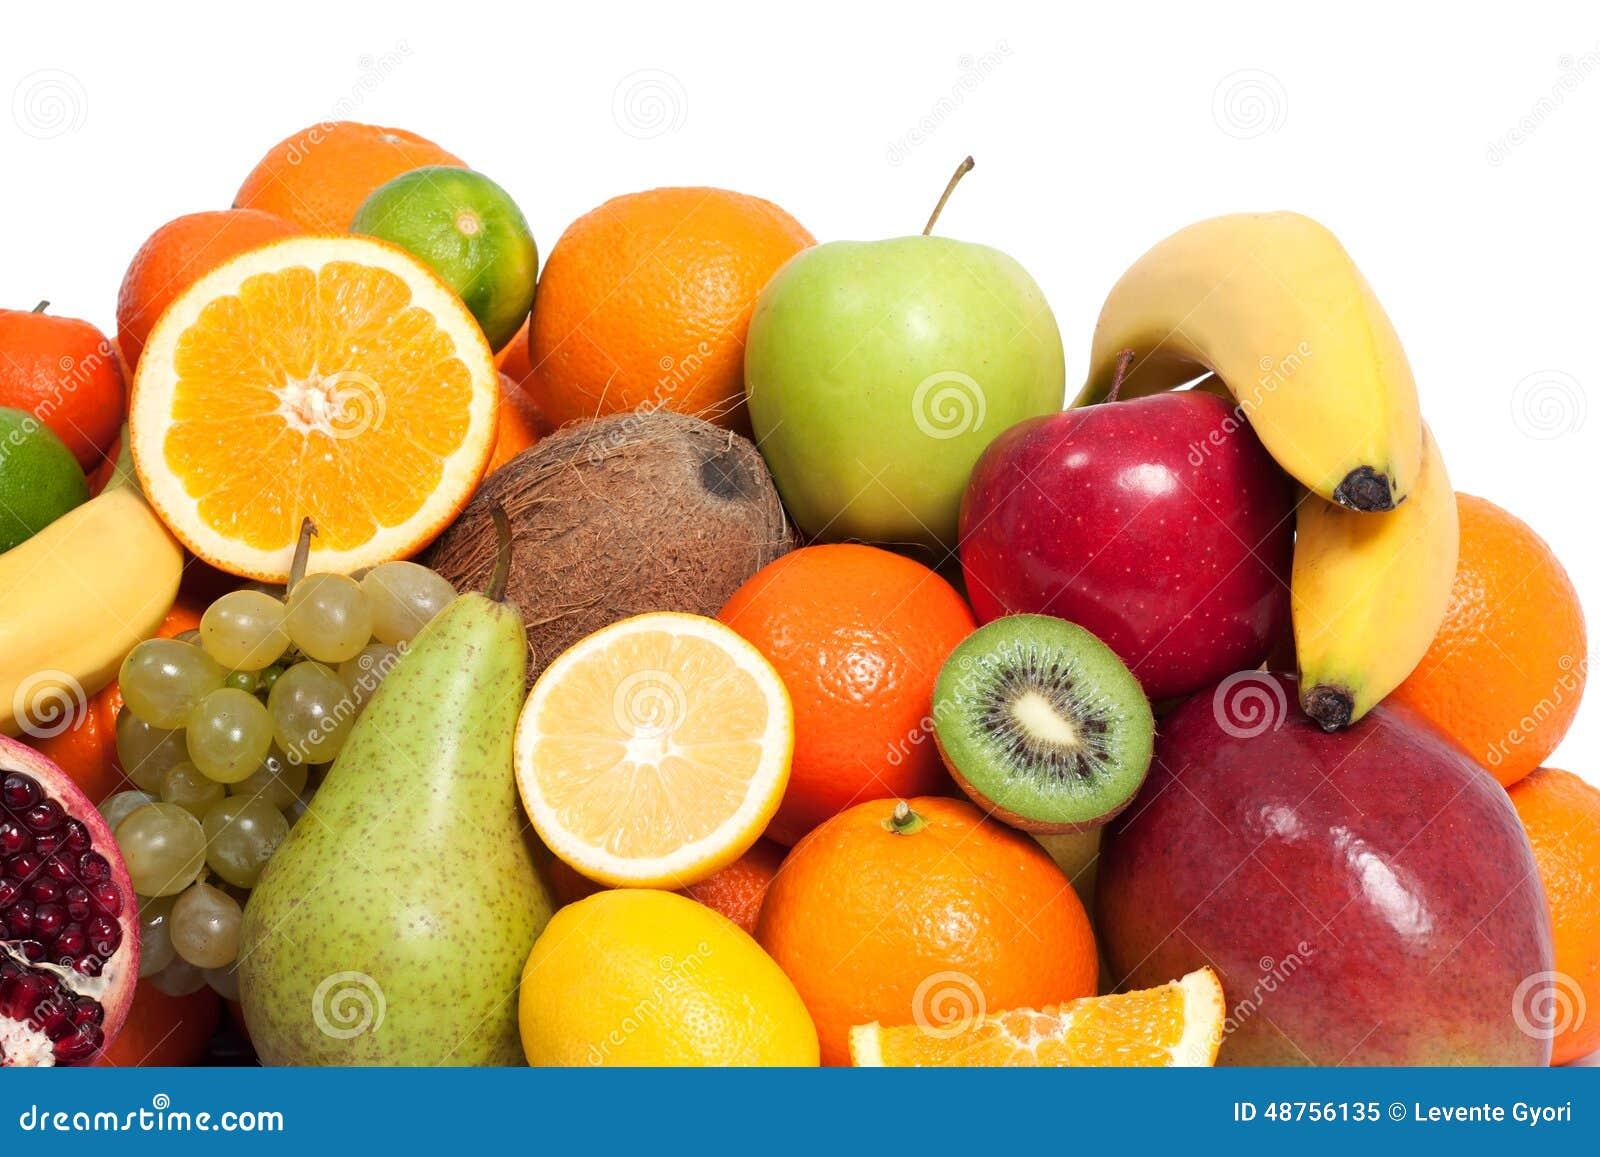 Frische Frucht in einem weißen Hintergrund